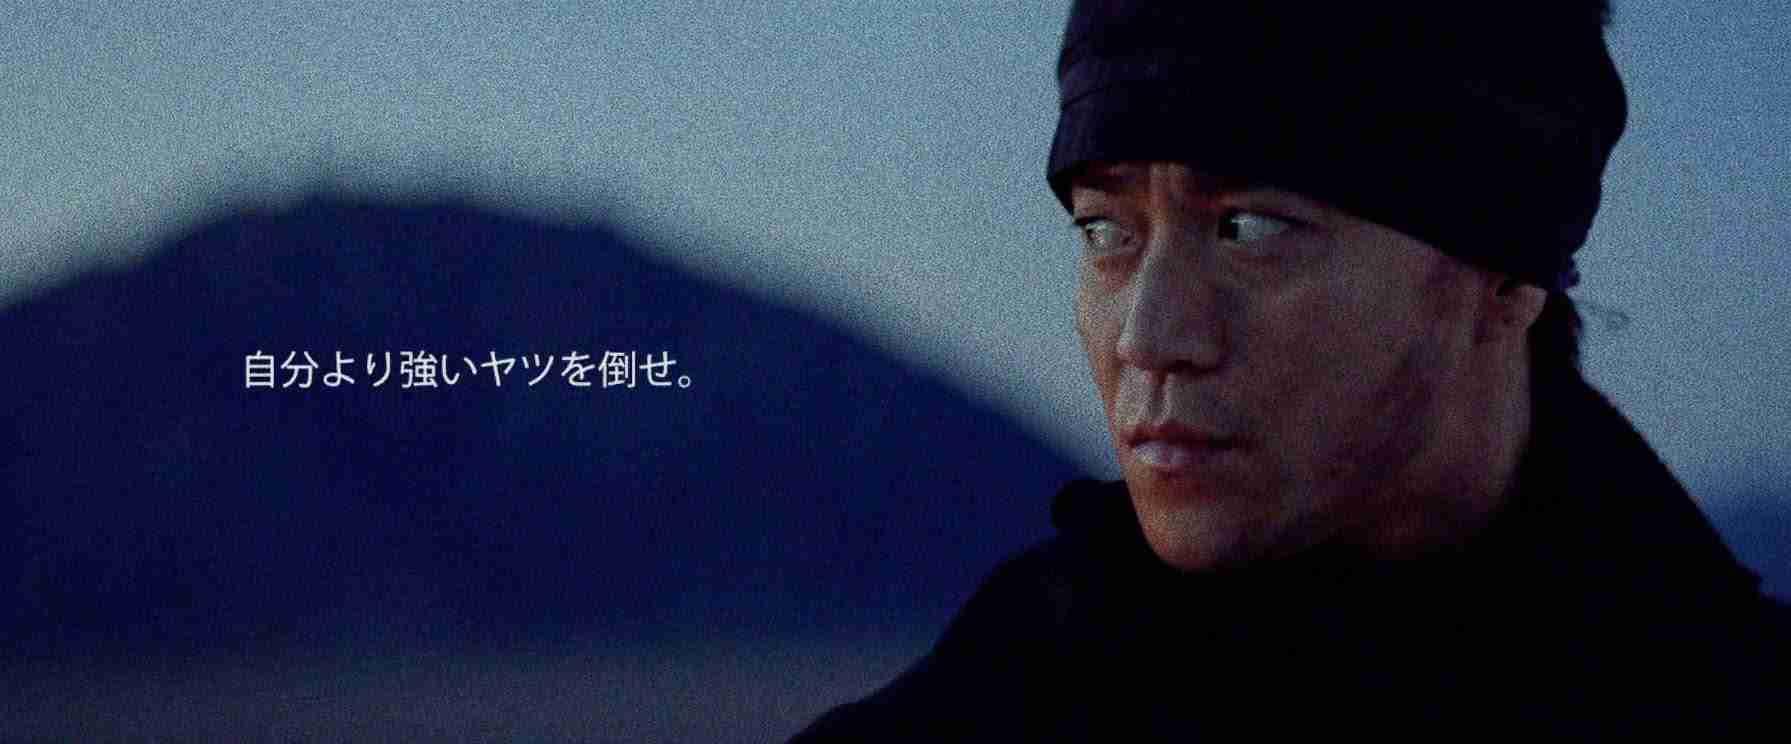 ペプシストロング ゼロ『桃太郎「Episode.3」』篇 4分 小栗旬 サントリー CM - YouTube